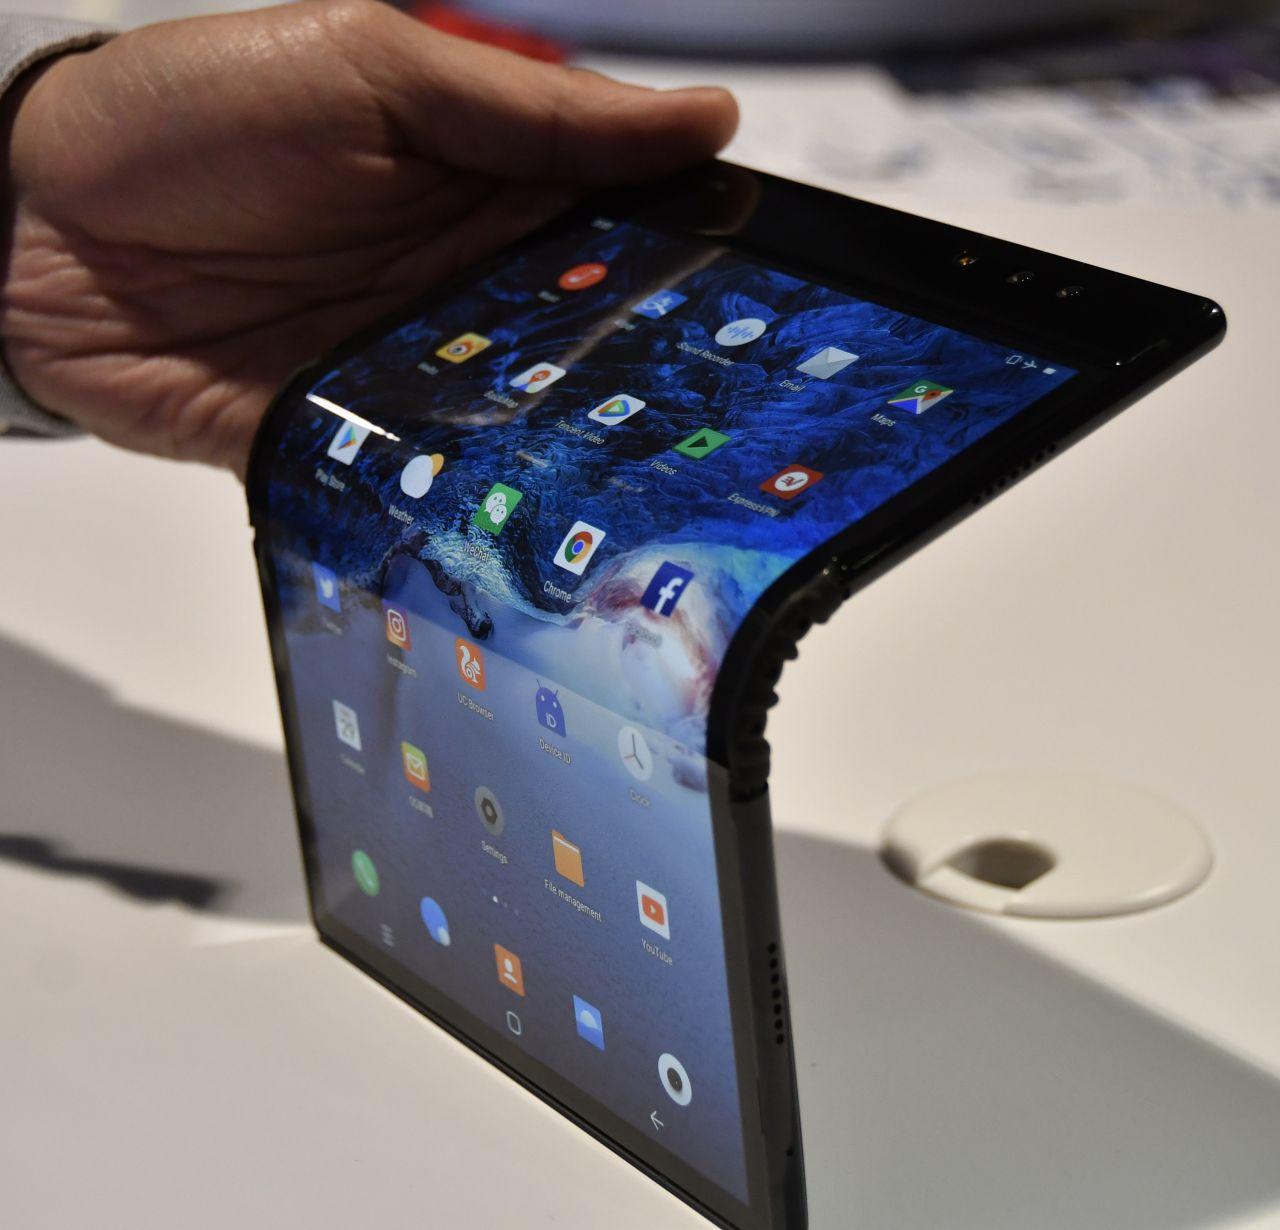 Das Royole FlexPai war das erste Handy mit faltbarem Display. Es kam schon 2018 auf den Markt.